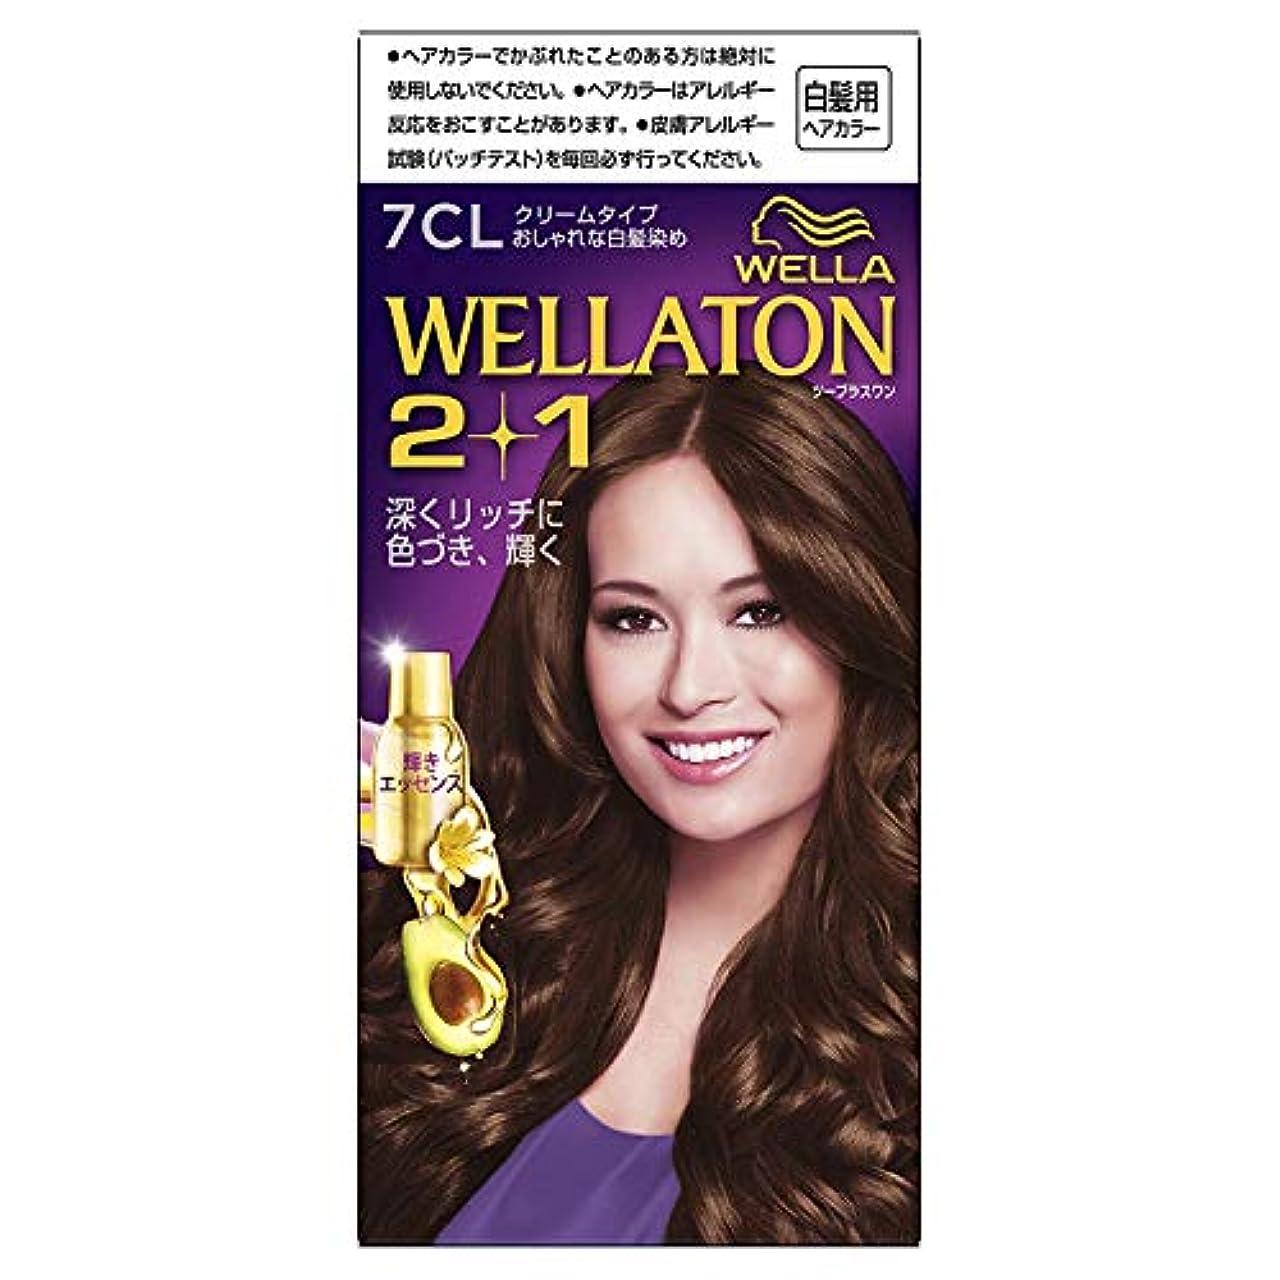 ホーン透明に学生ウエラトーン2+1 白髪染め クリームタイプ 7CL [医薬部外品] ×6個